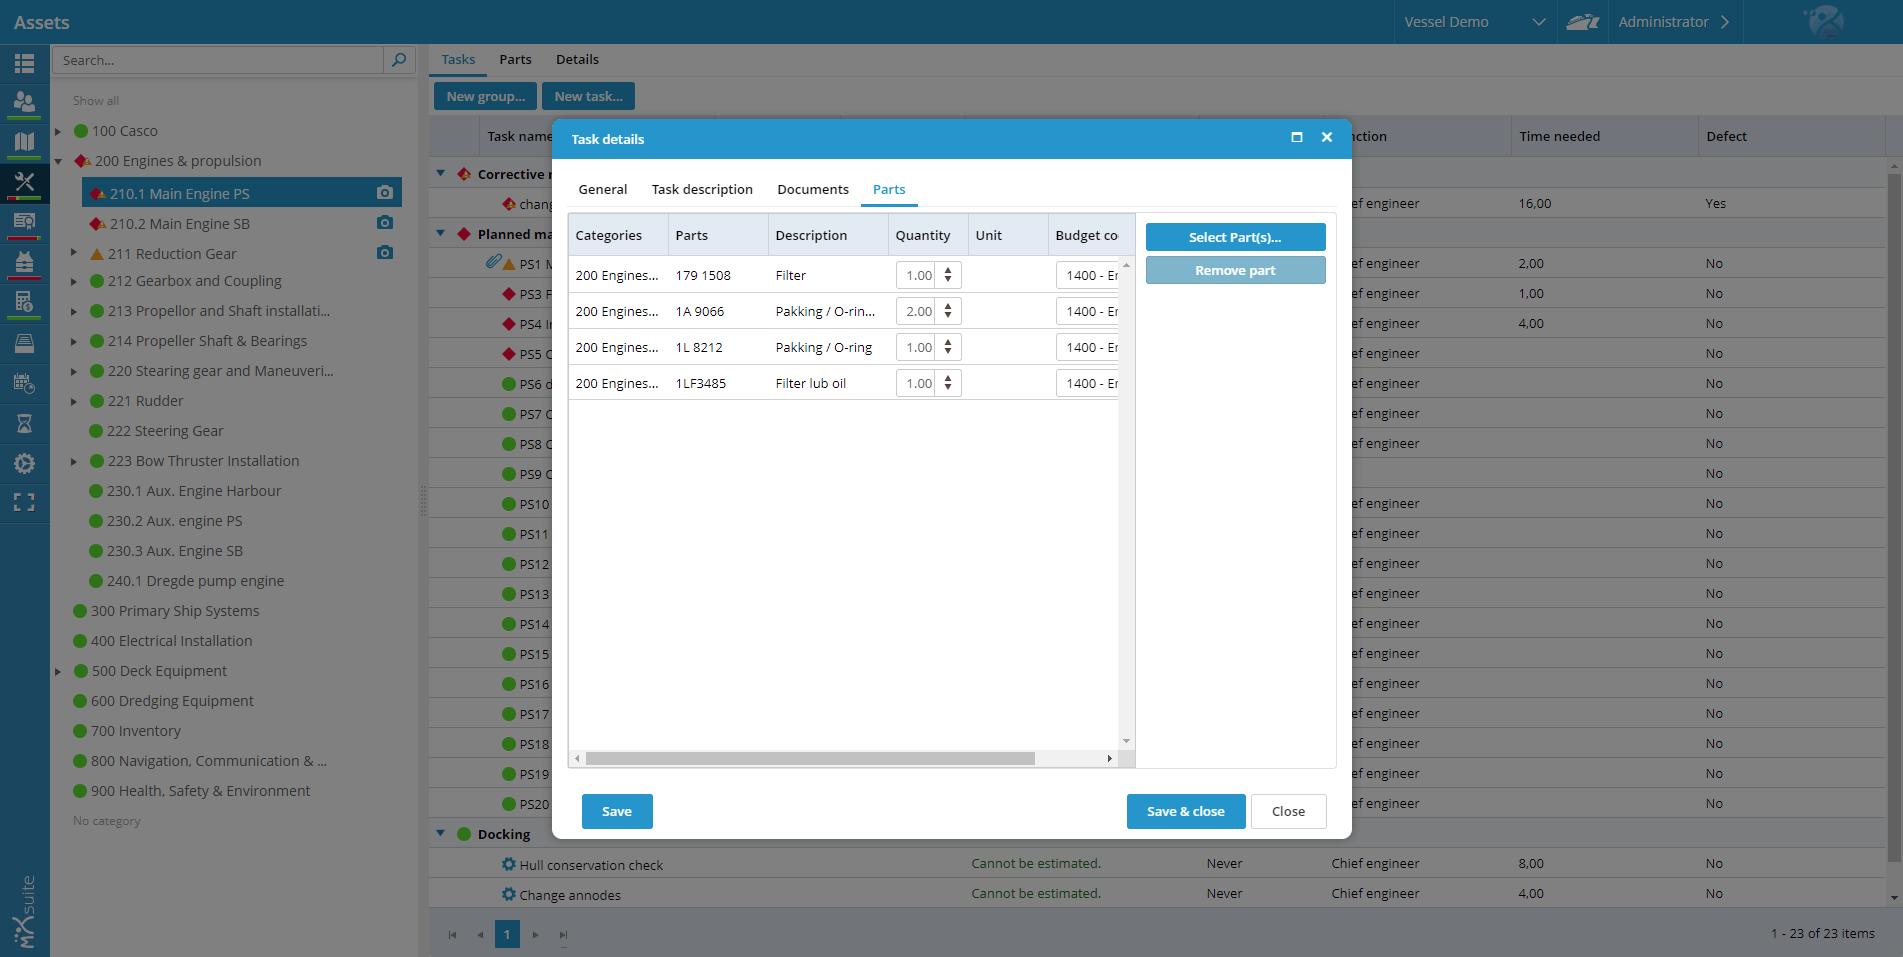 Assets Task Details Parts